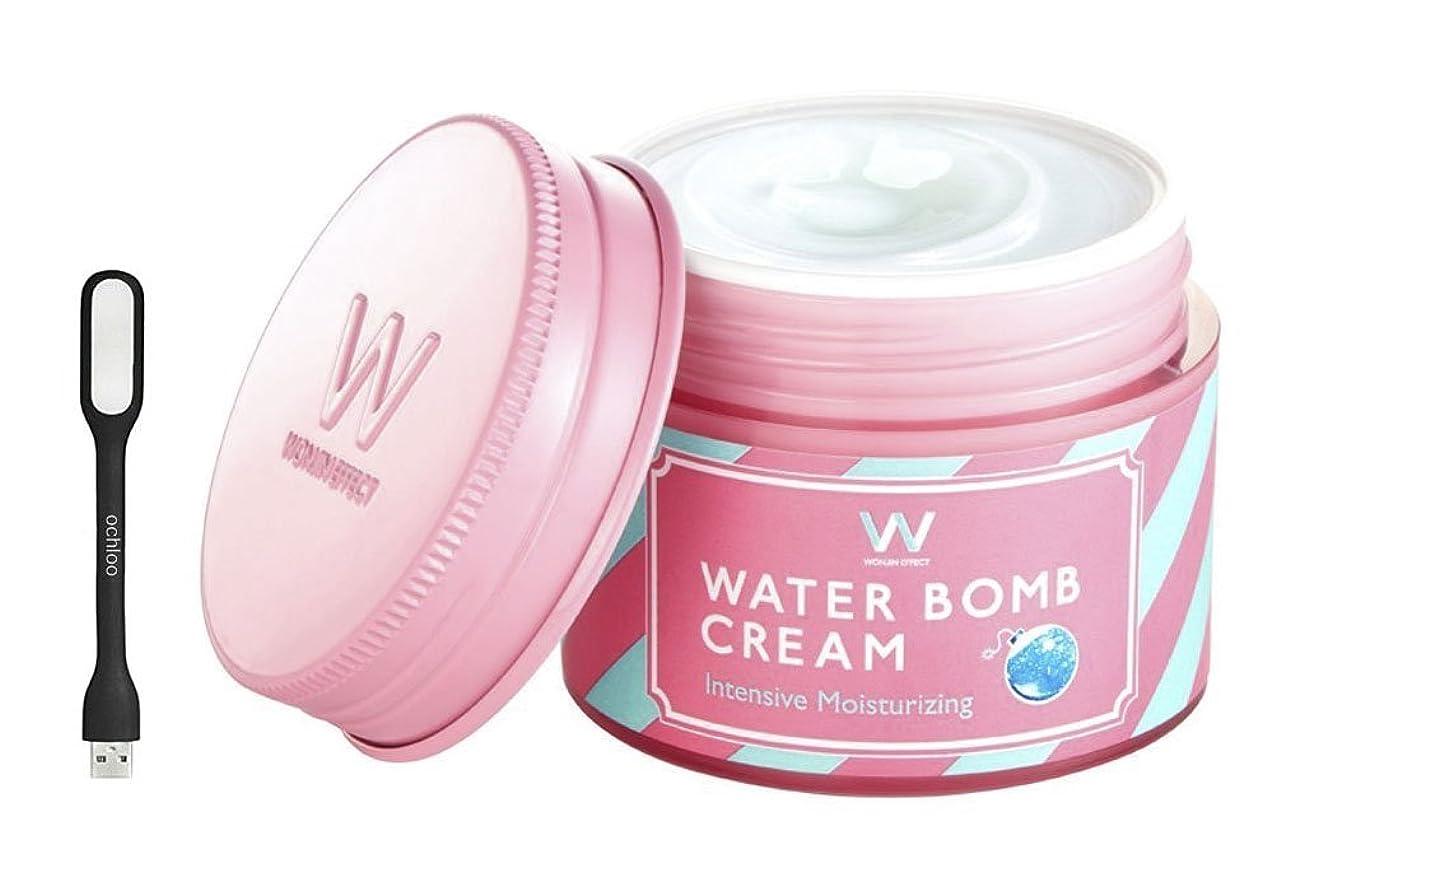 休日に矢抵抗WONJIN EFFECT ウォンジンエフェクト水爆弾クリーム/ウォーターボムクリーム [Water Bomb Cream] - 50ml, 1.69 fl. oz.+ Ochloo logo led